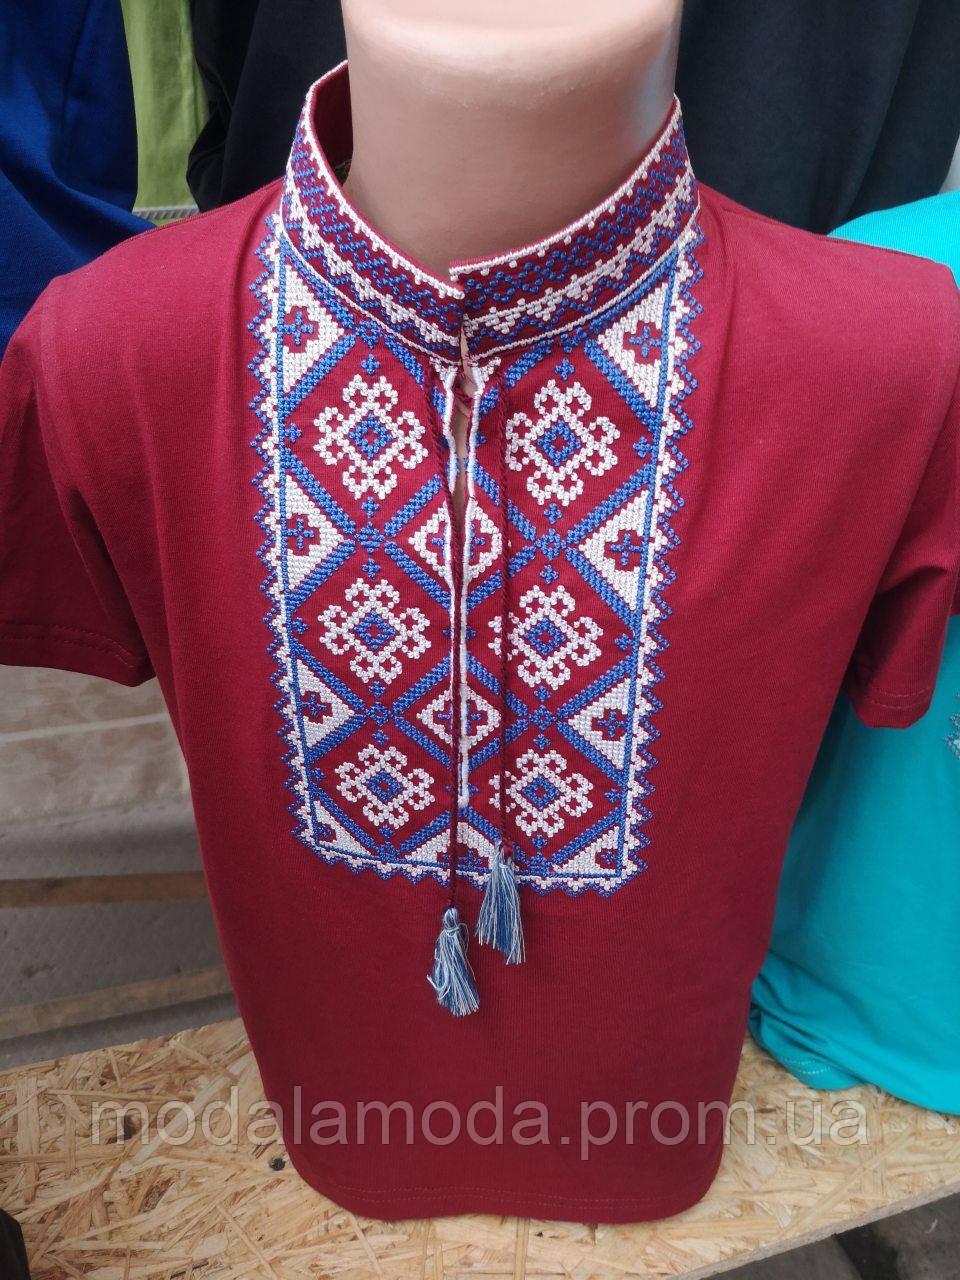 Вышиванка с коротким рукавом для мальчика с орнаментом